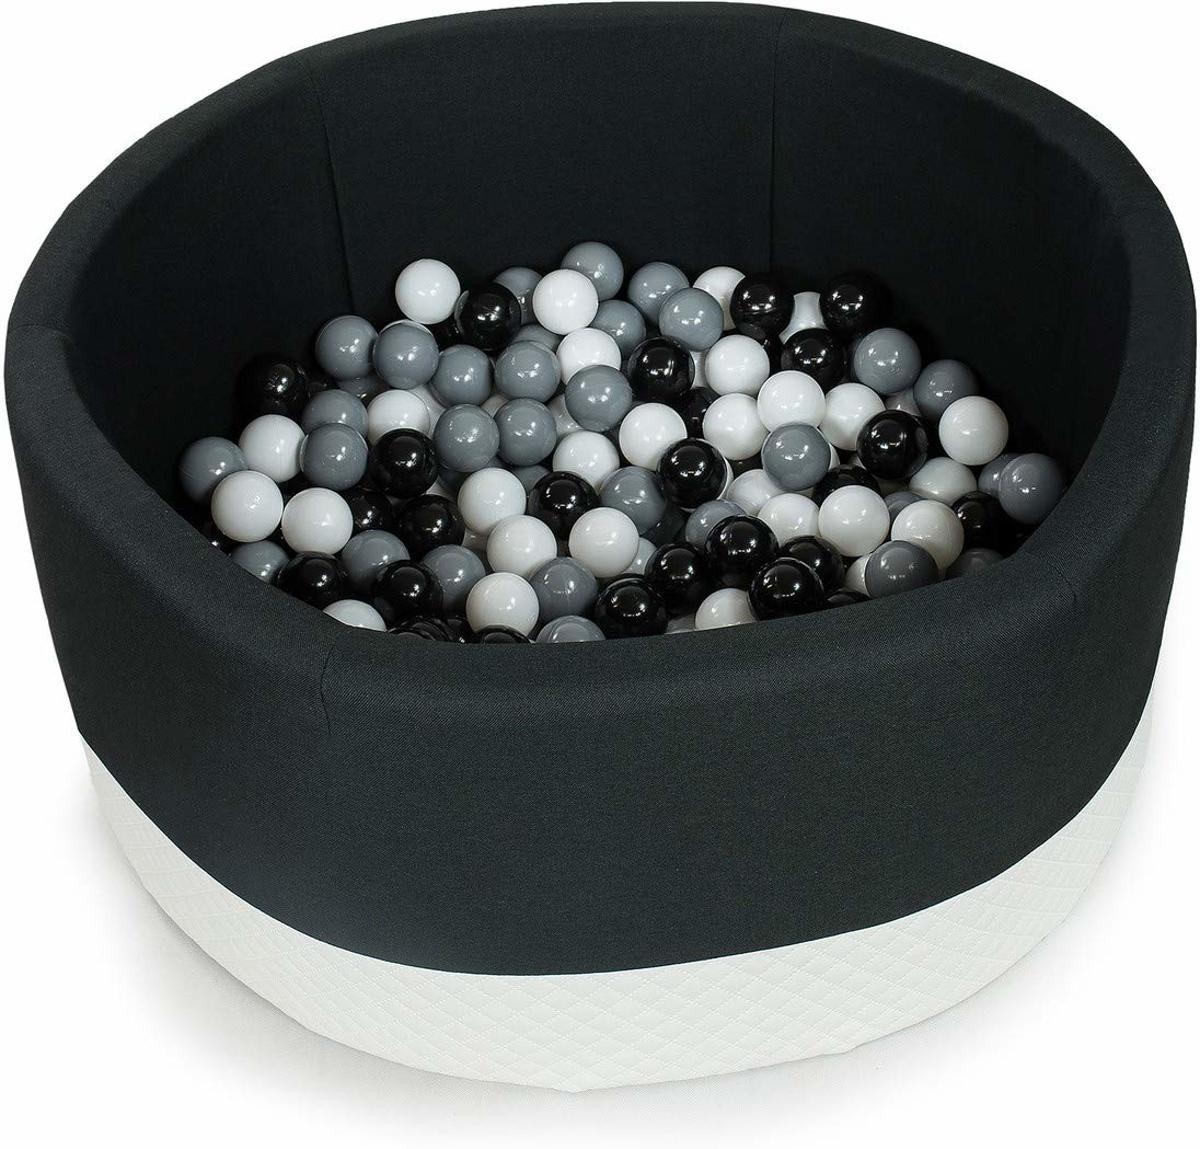 PONPOON Premium Ballenbad 90x40 CM with with 250 Balls – Round ECO Black